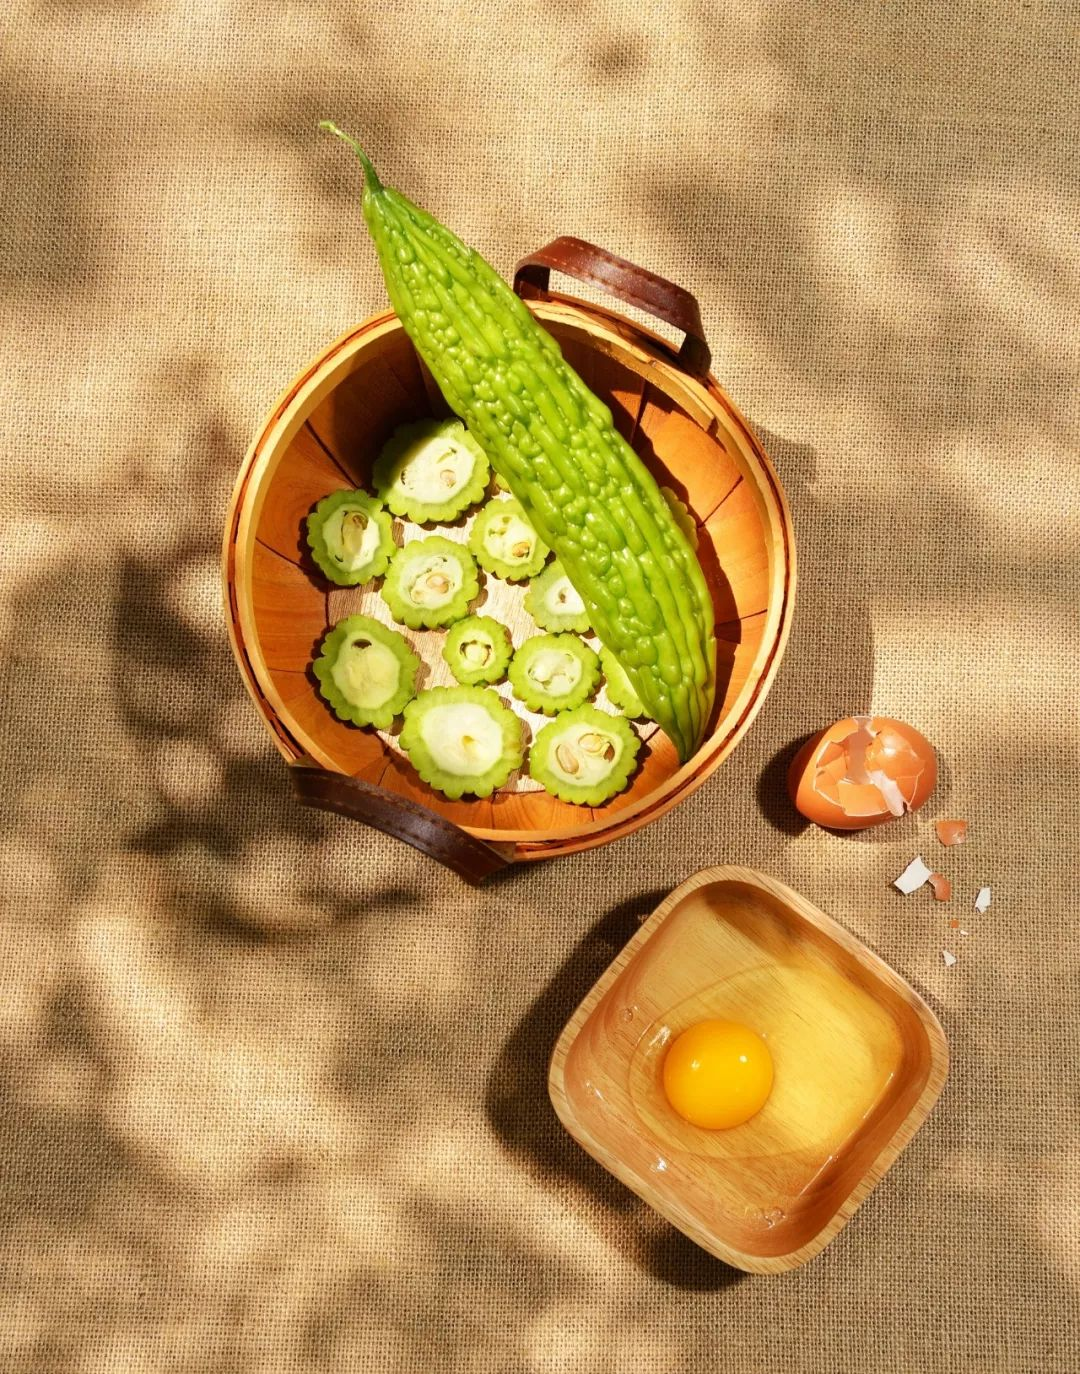 夏日摄生食物难挑选? 各种瓜类有良效!